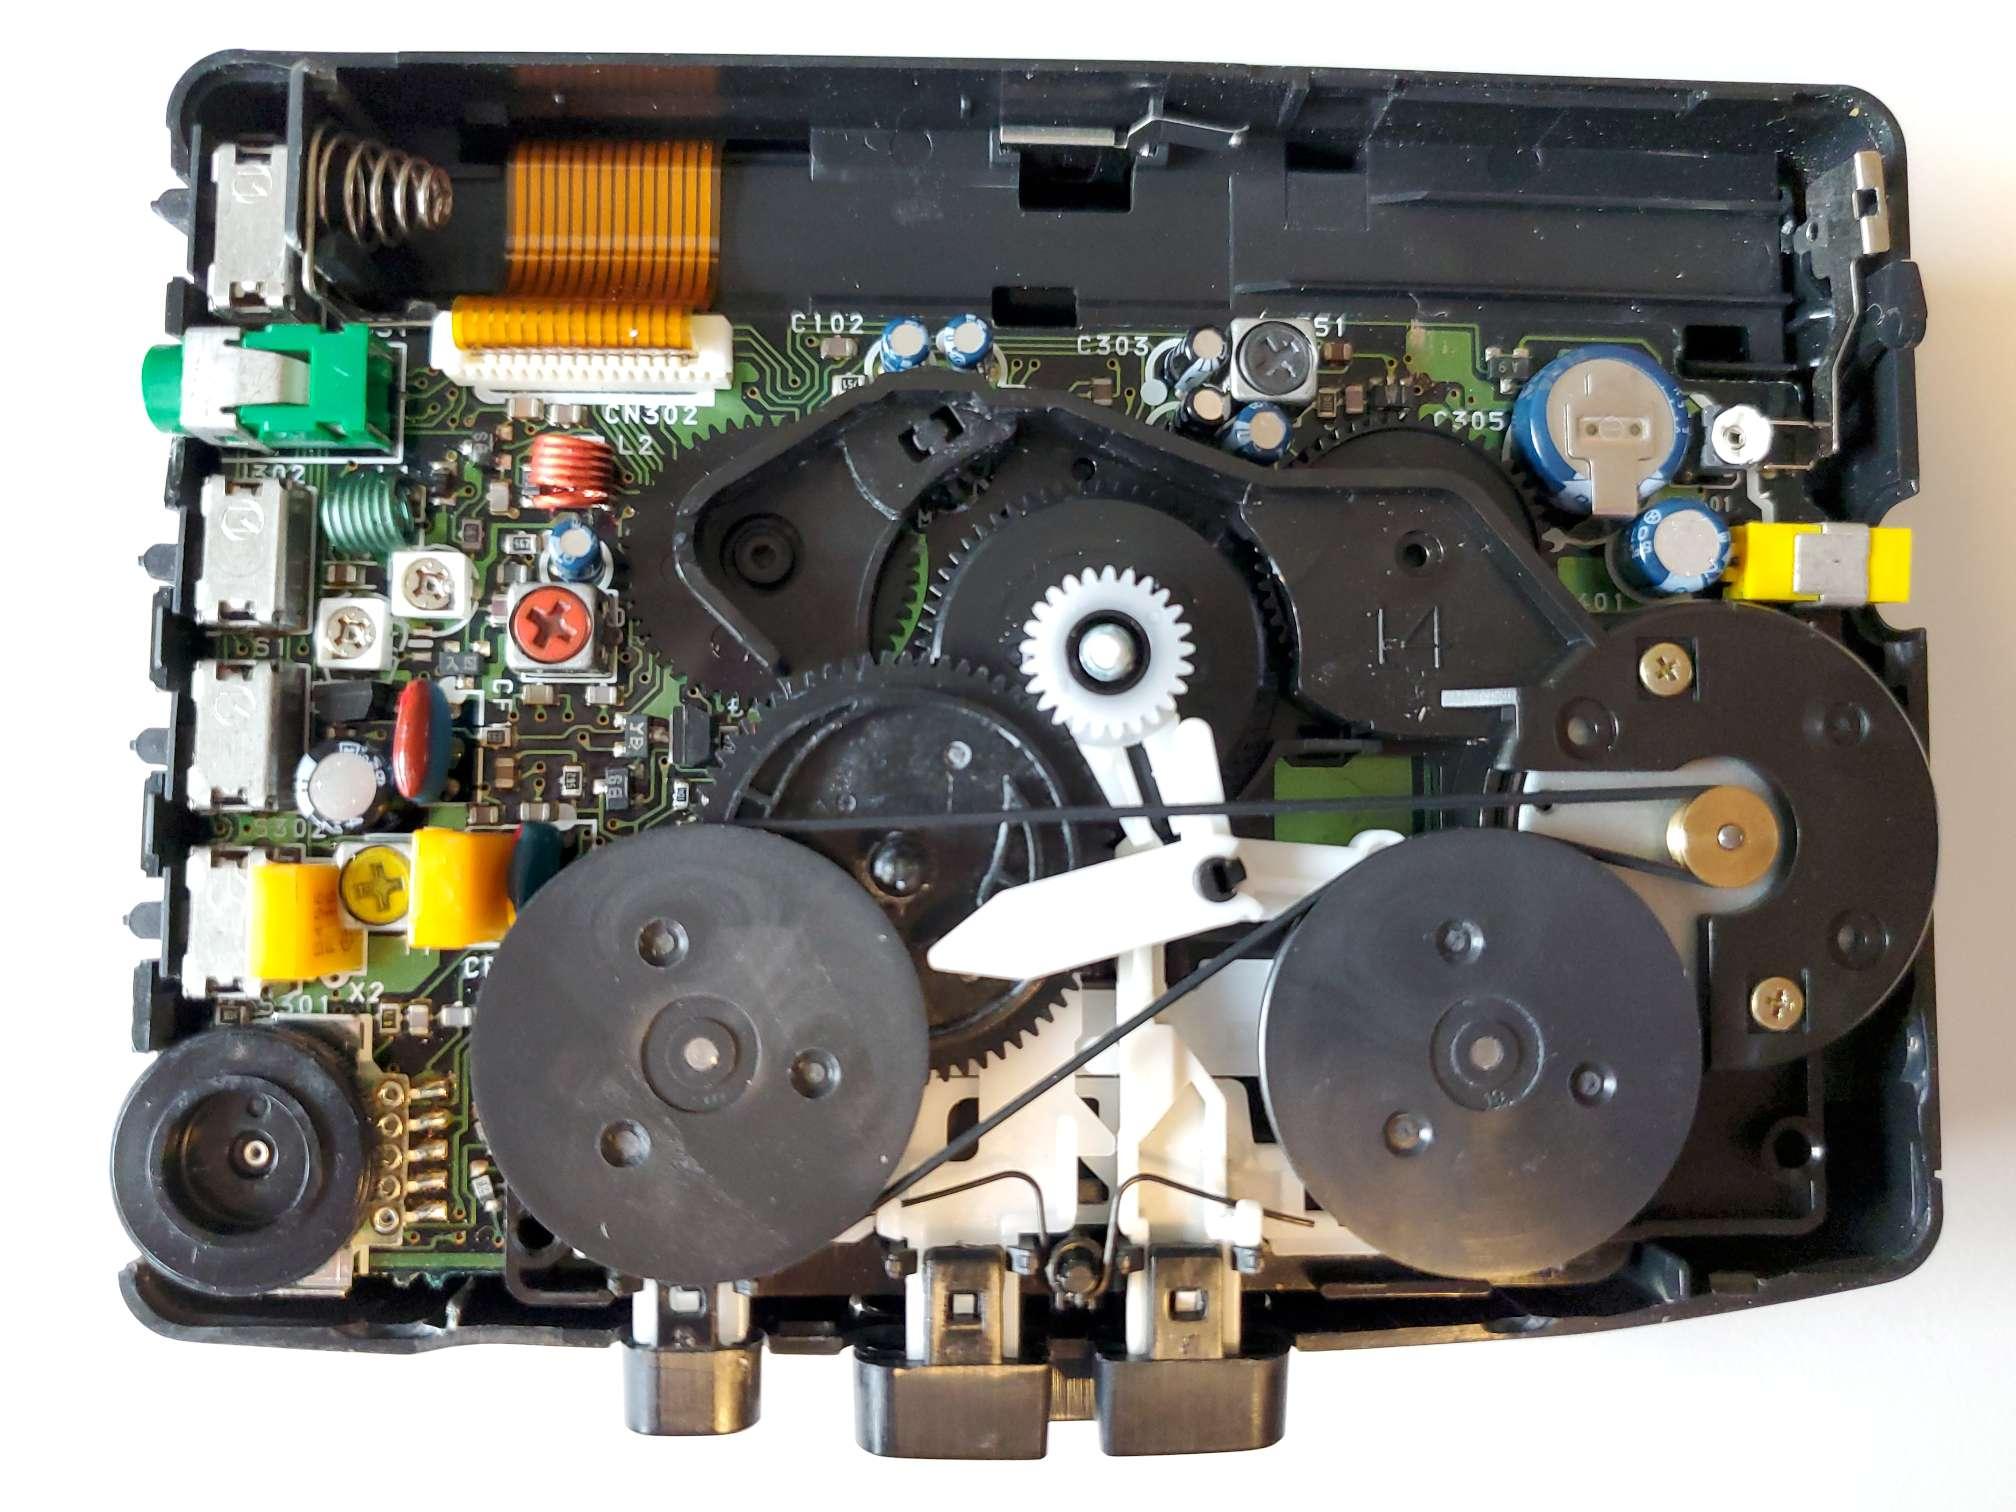 Sony Walkman WM-FX28 with New Belt